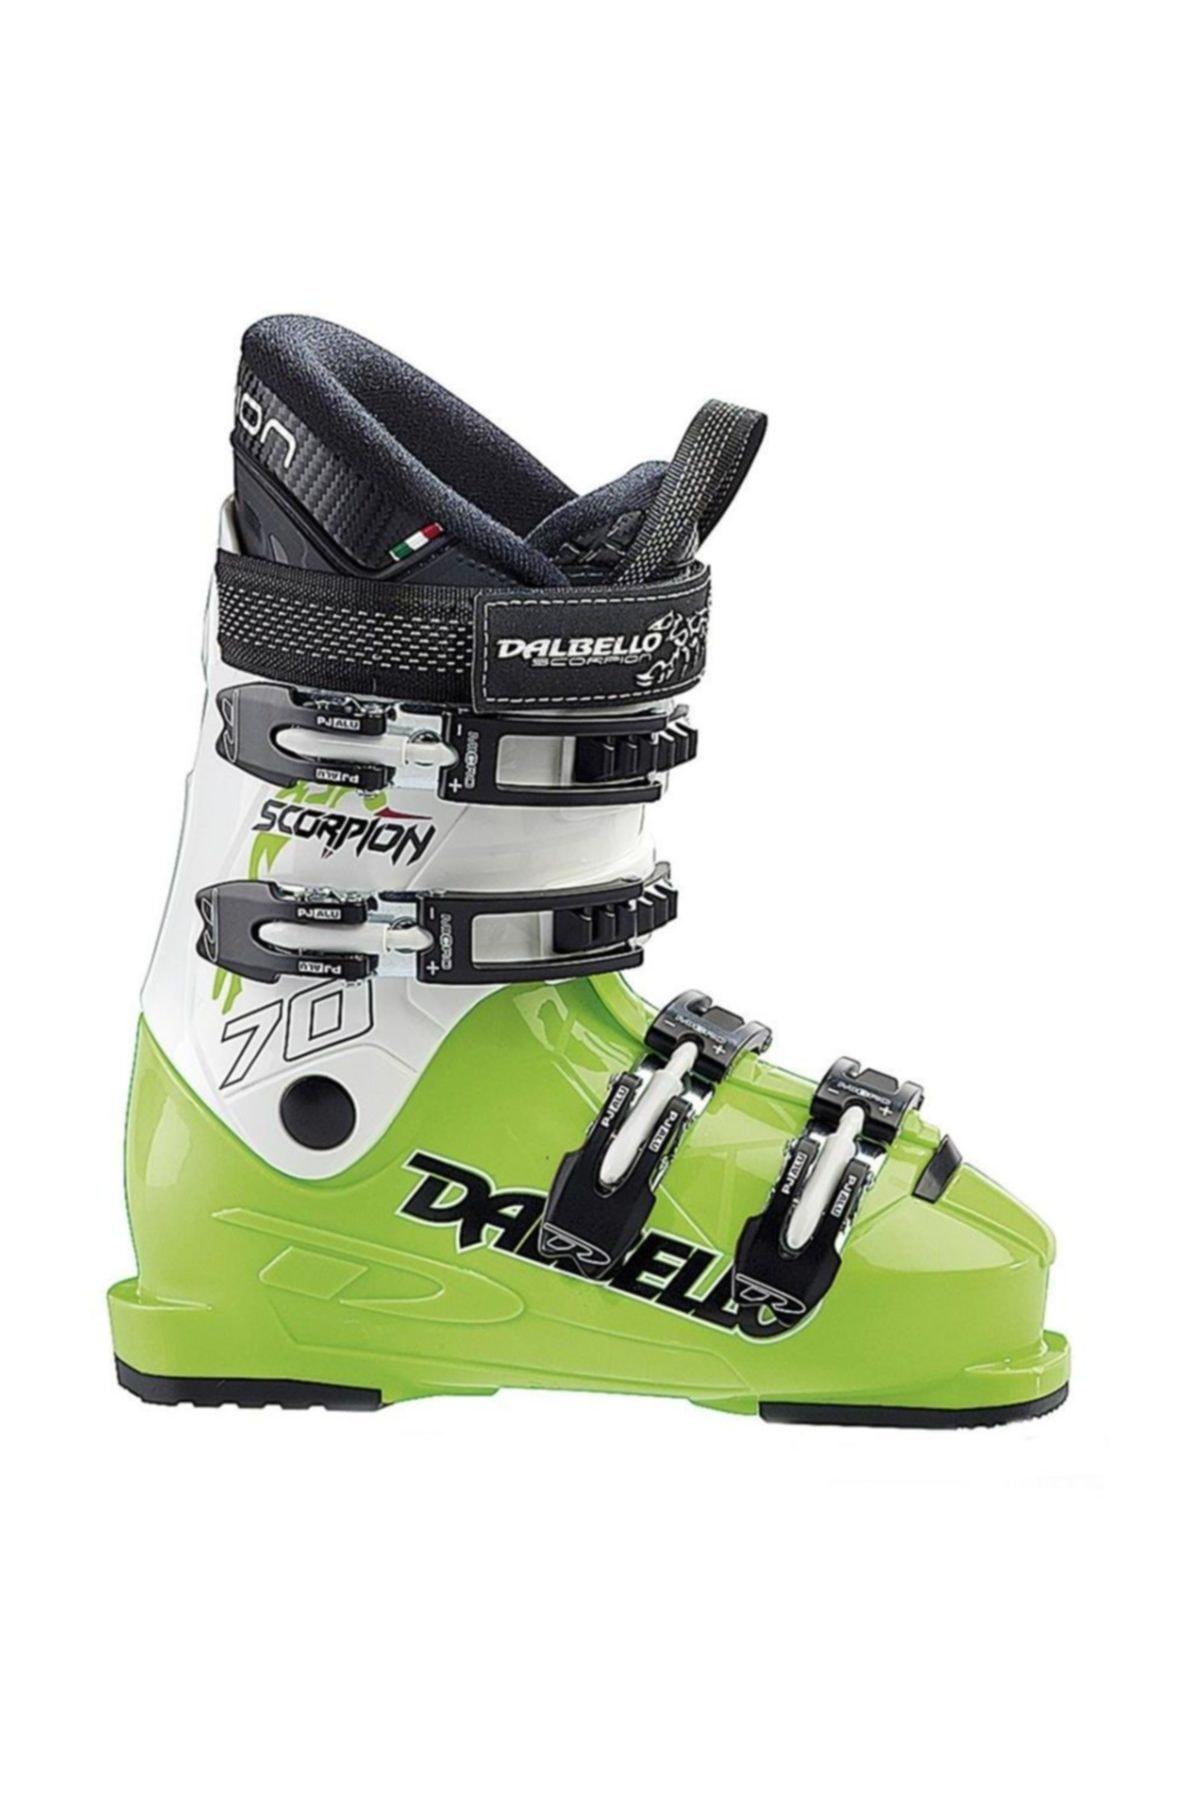 Dalbello Scoprion 70 Jr Kayak Ayakkabısı 1